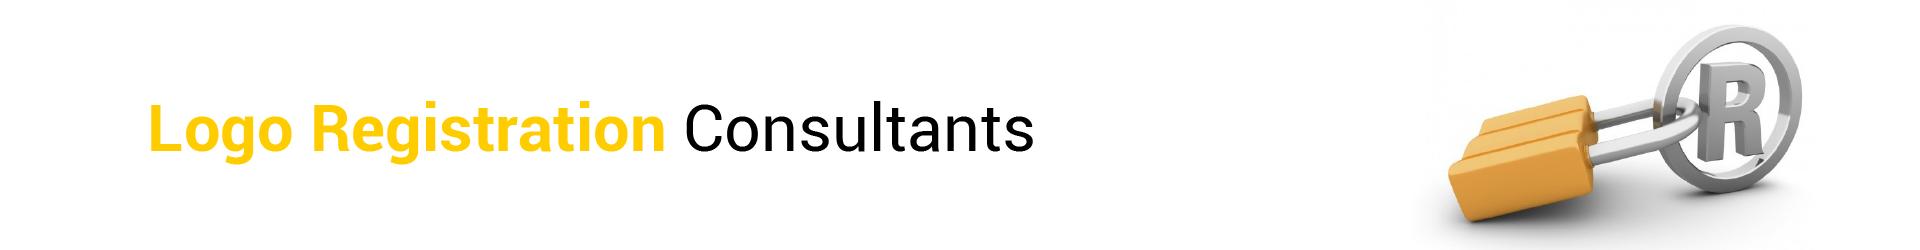 Logo Registration Consultants